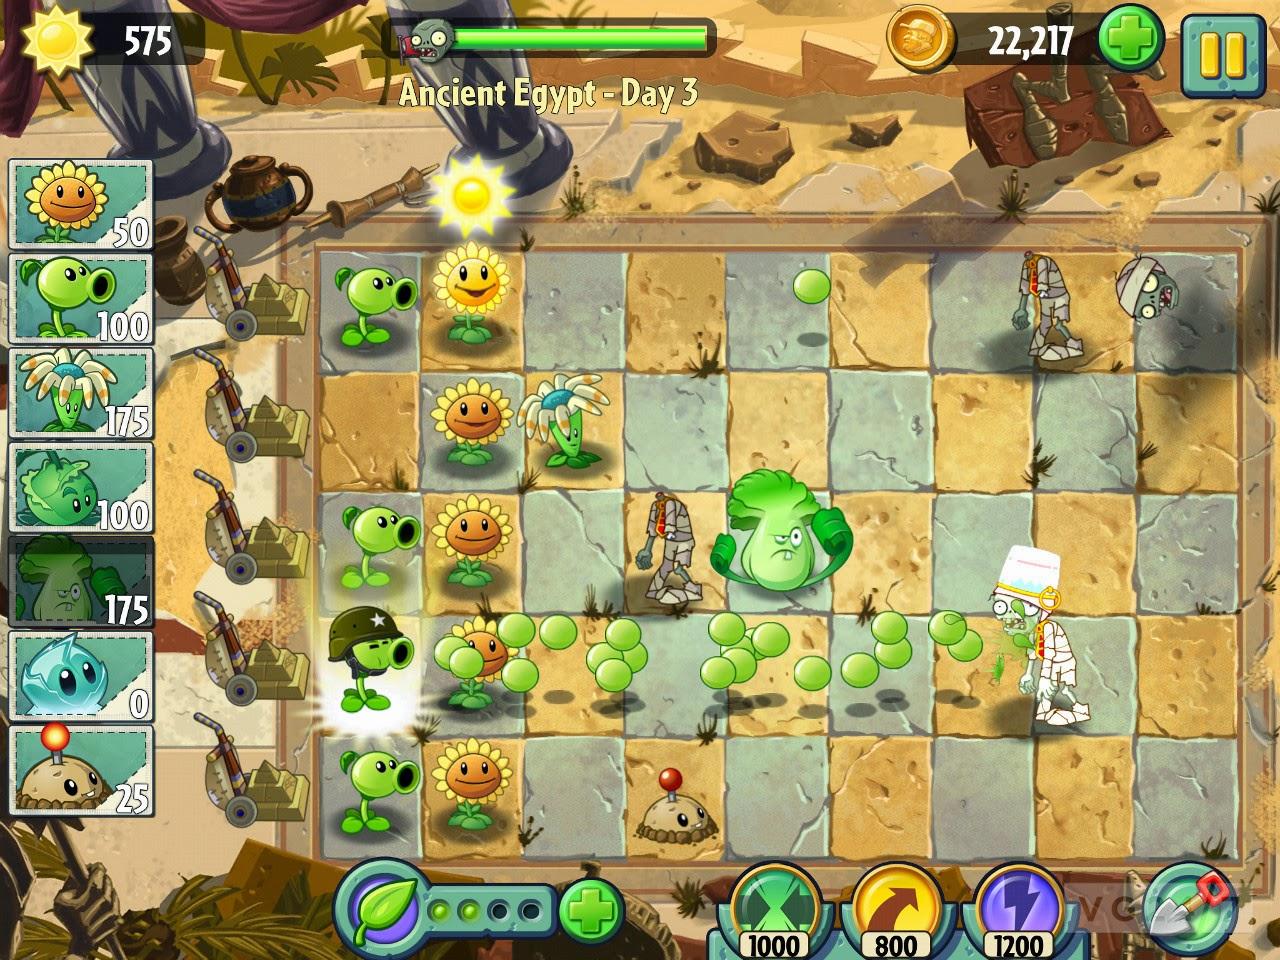 Download kumpulan Game Android Terbaru Gratis Playstore